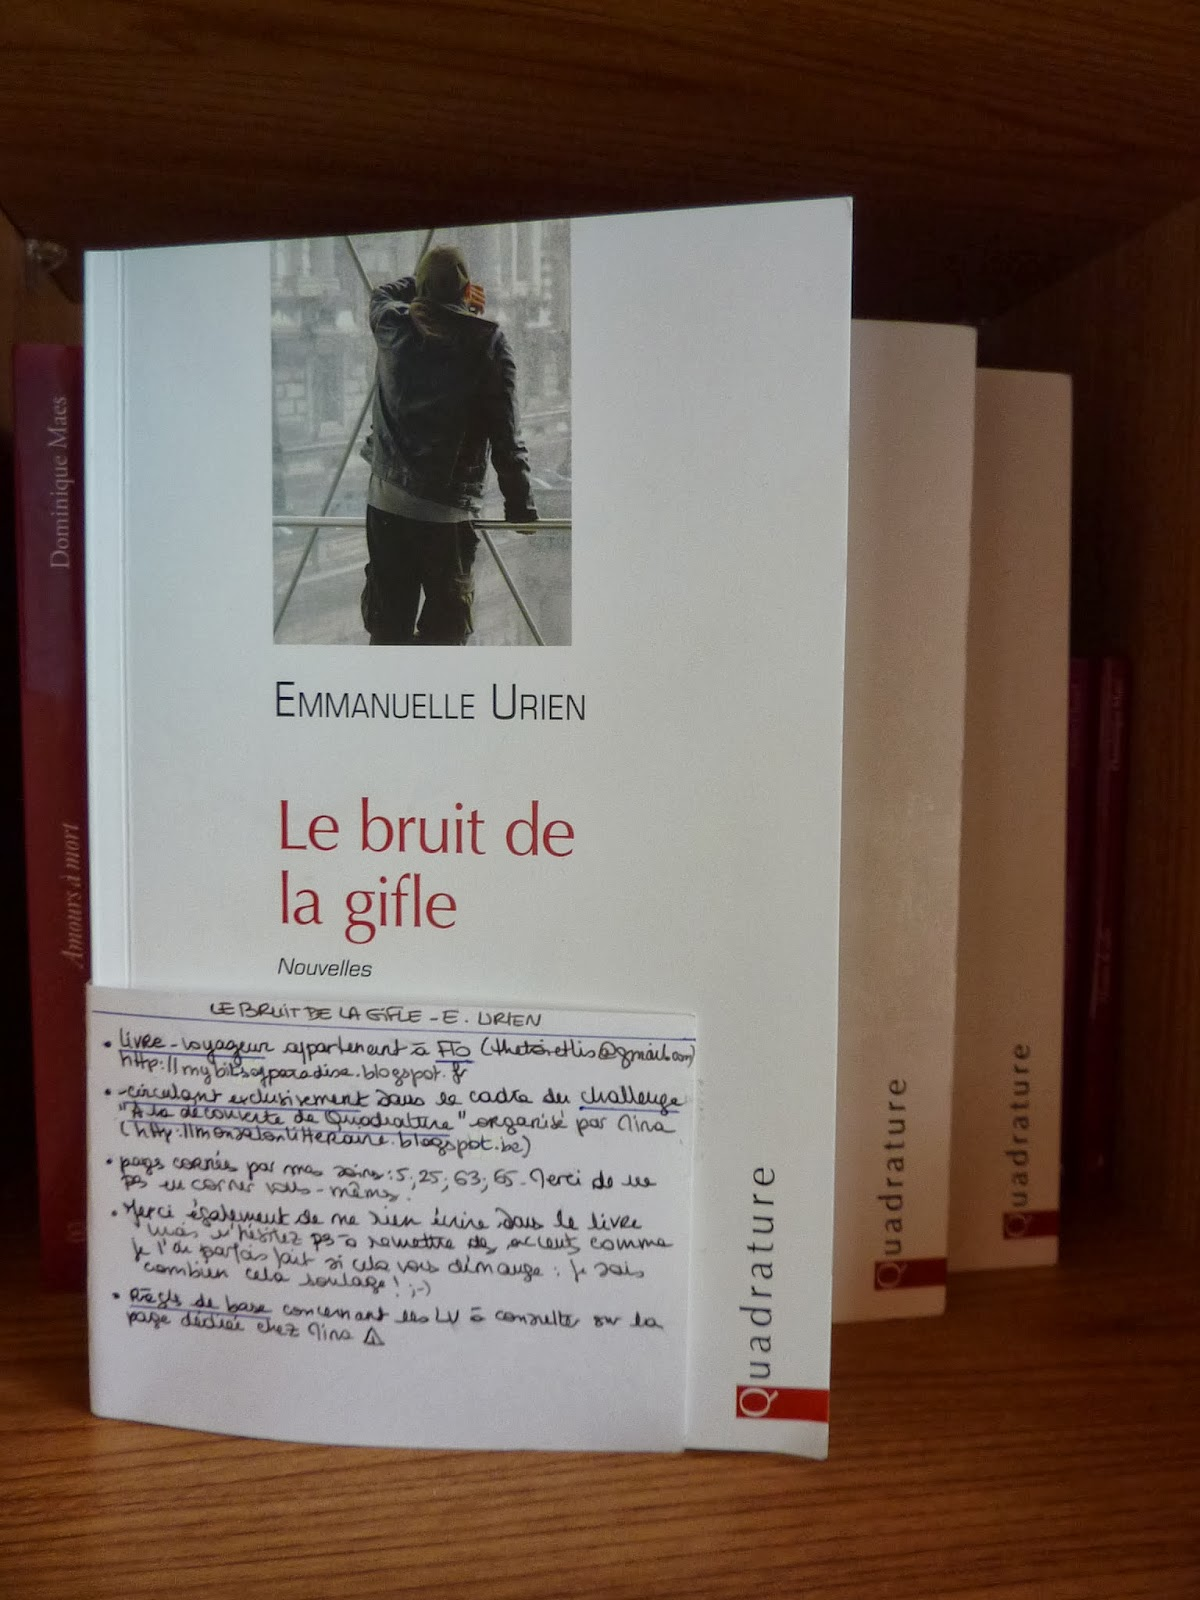 Le bruit de la gifle - Emmanuelle Urien